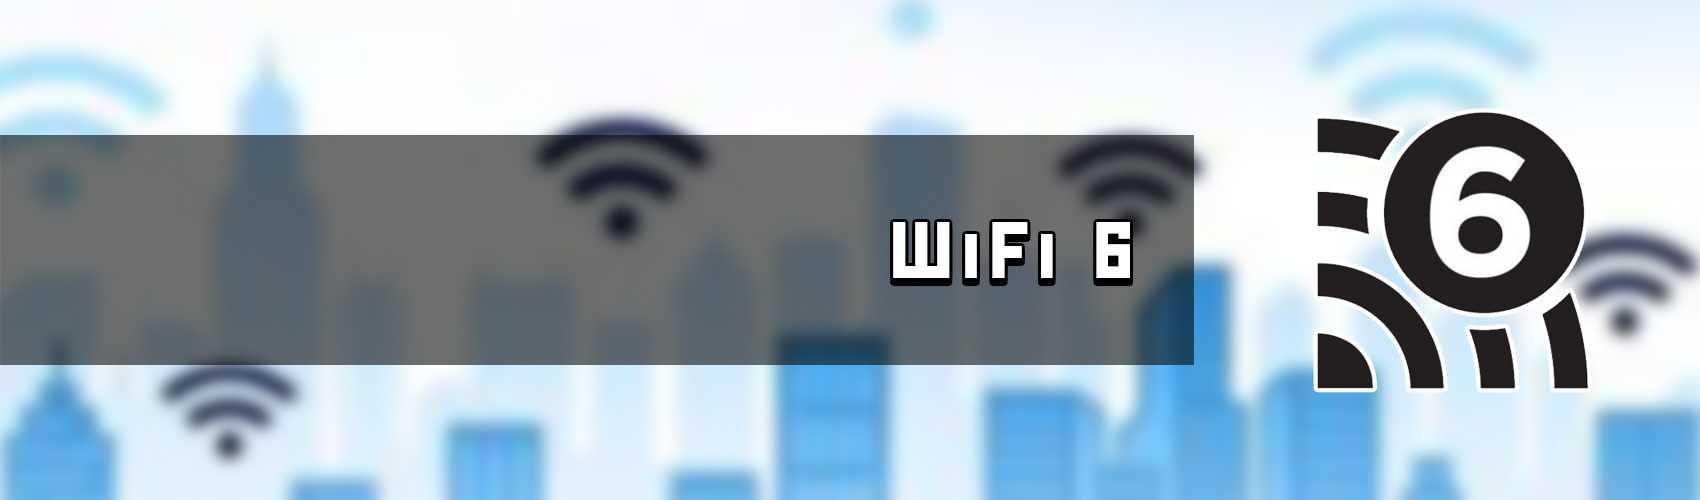 Что нового в WiFi 6? И почему это так важно?